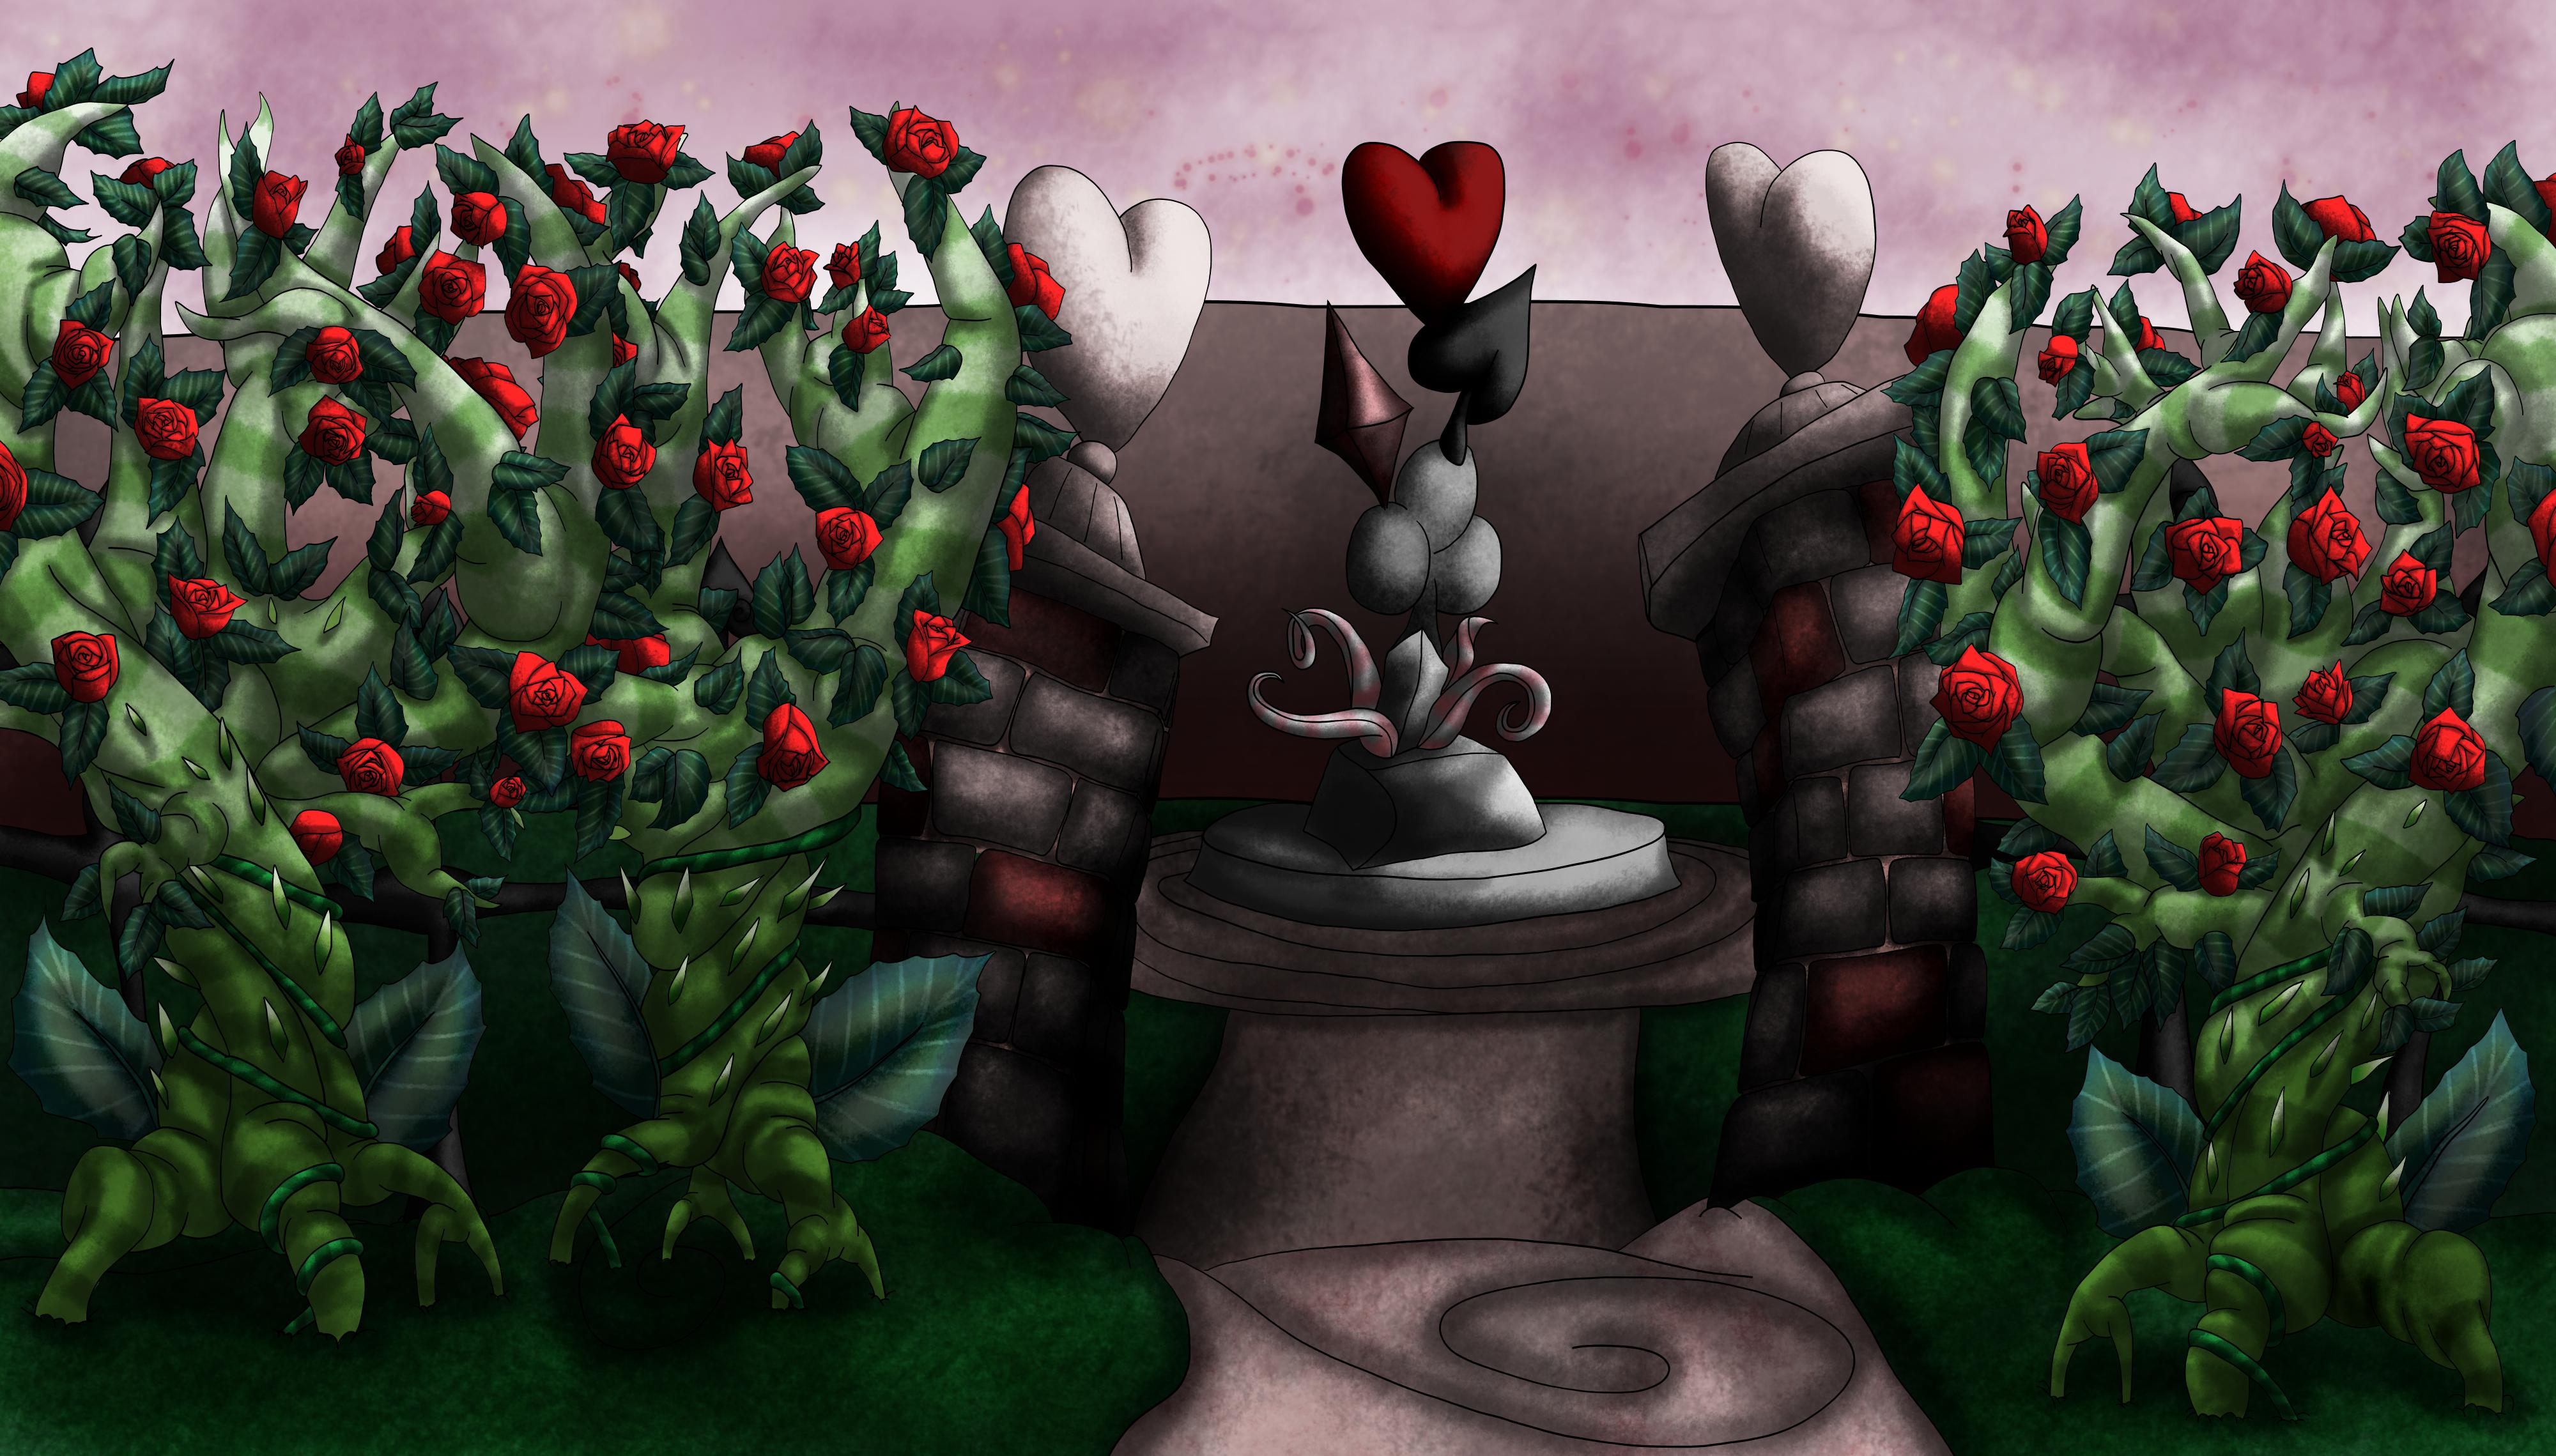 Alice in Wonderland Background Queens Garden by